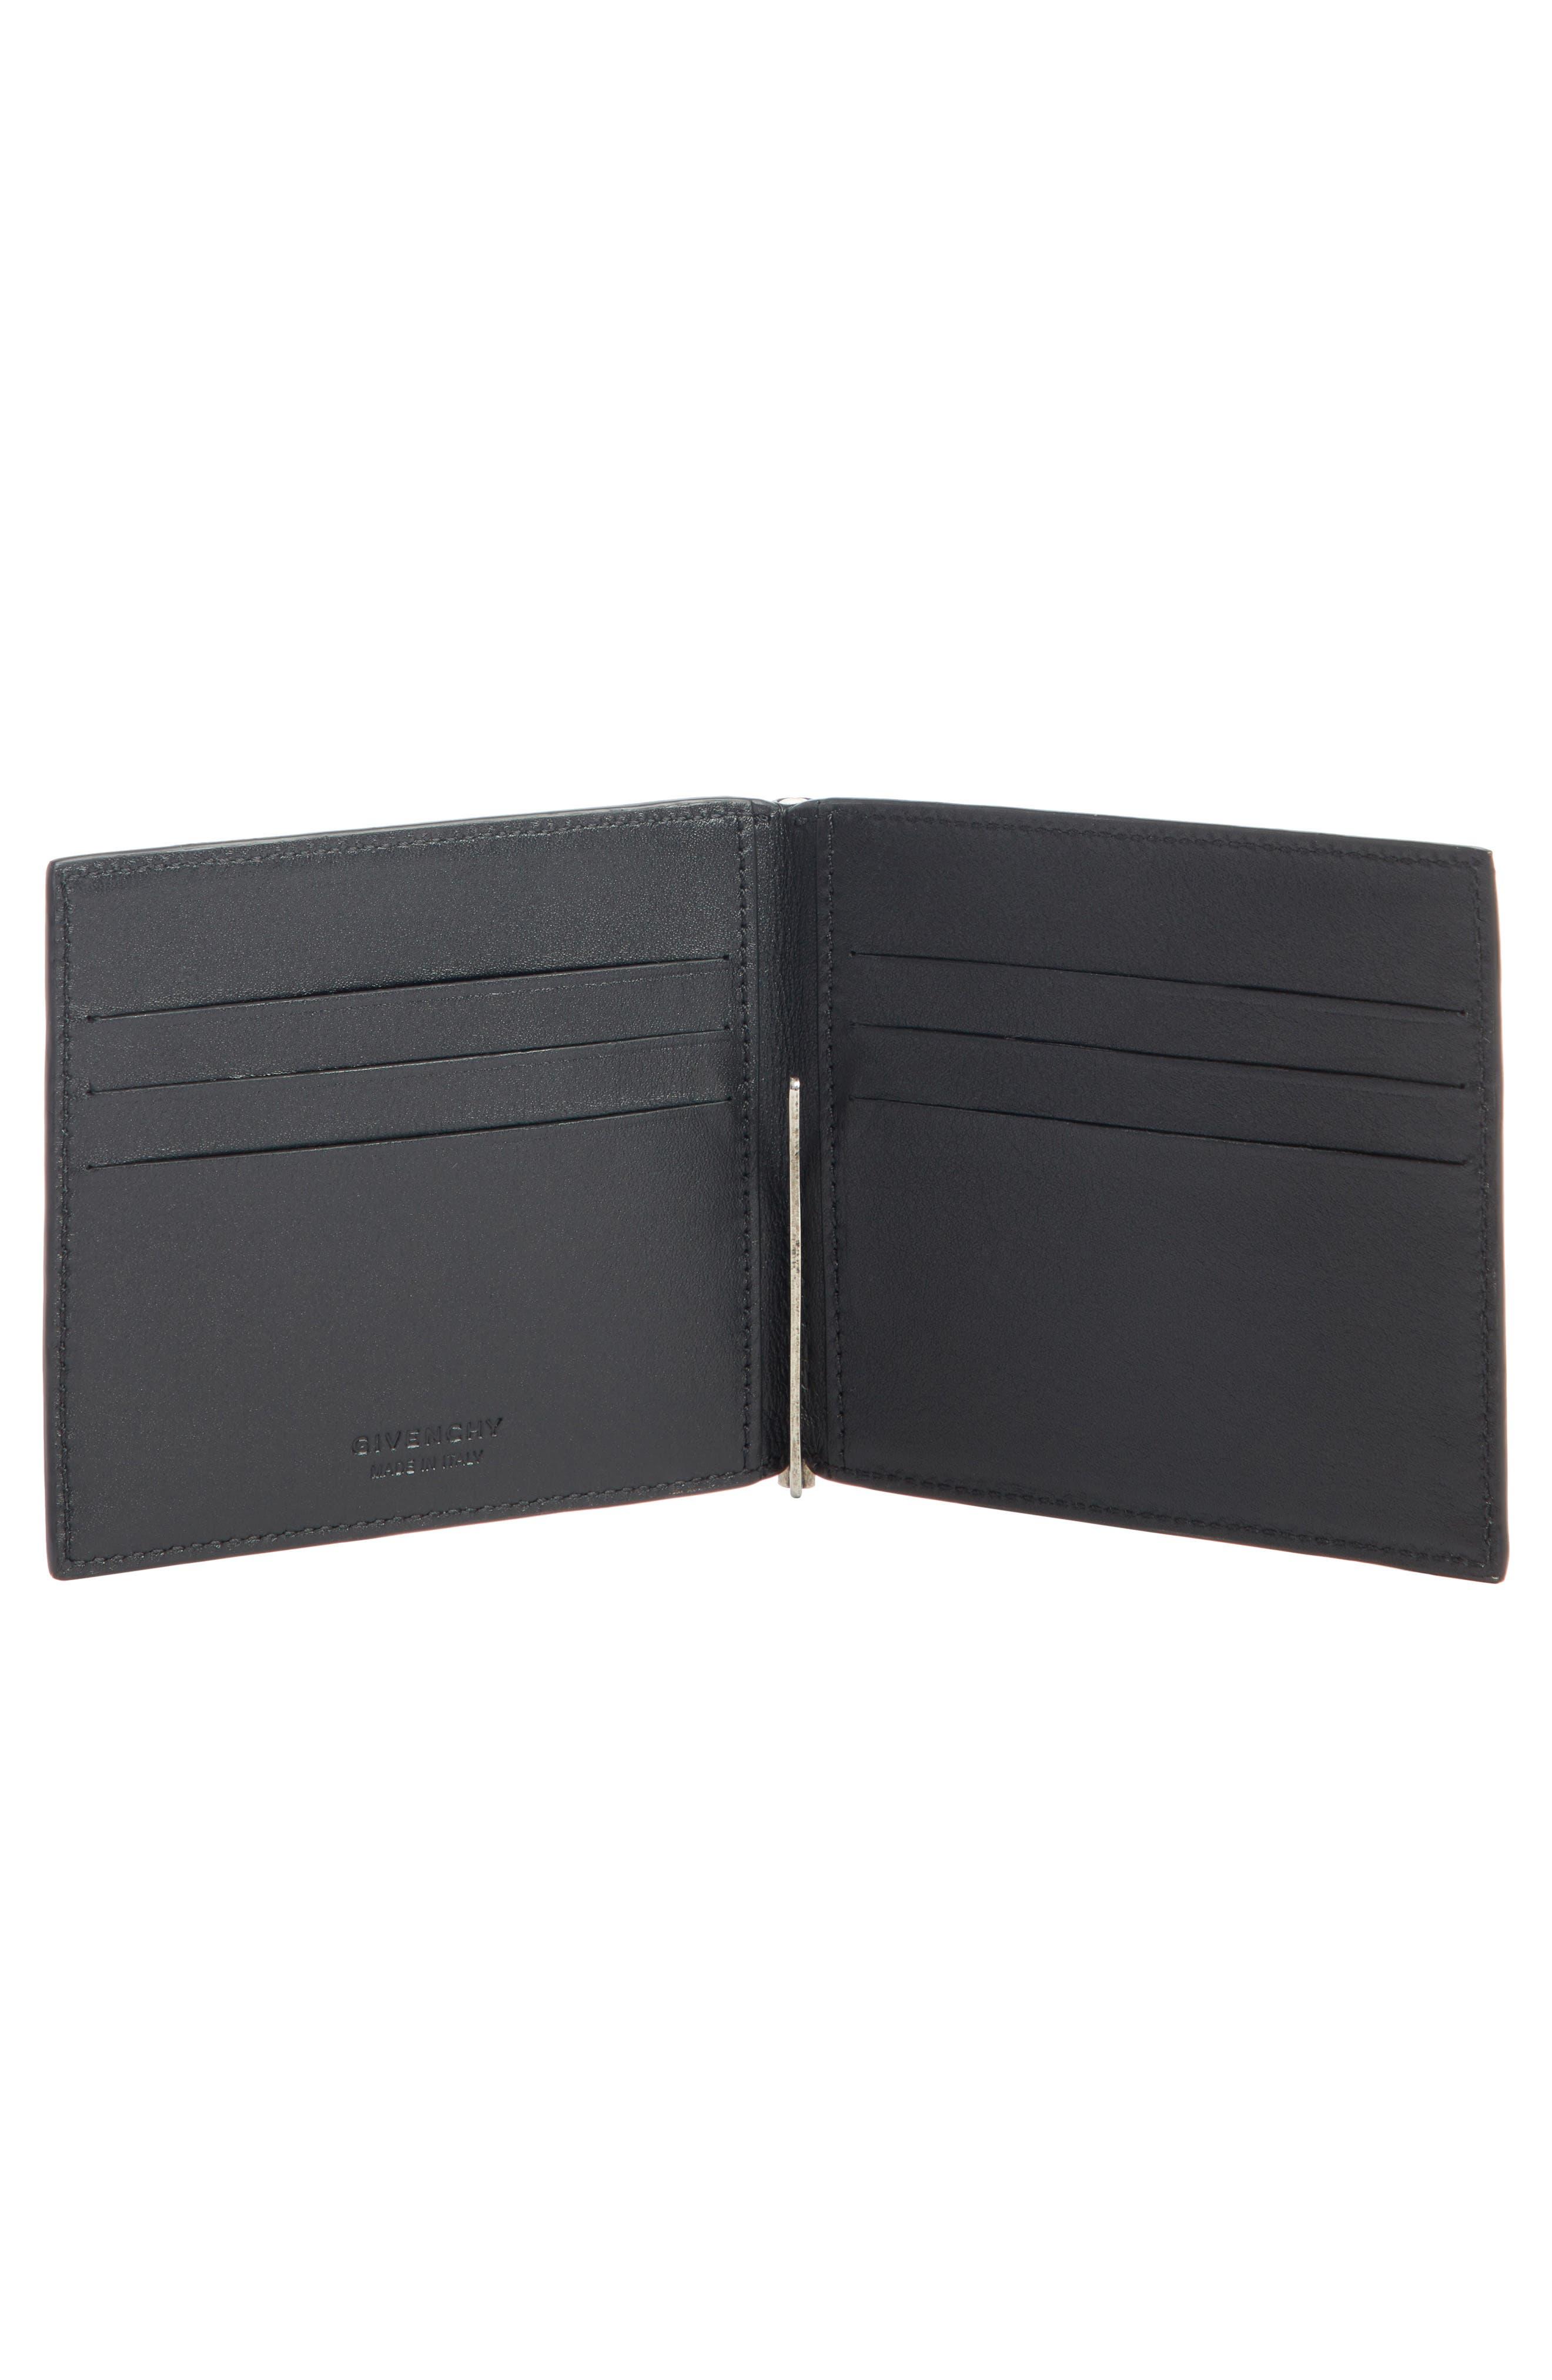 Paris Leather Monery Clip Card Case,                             Alternate thumbnail 2, color,                             BLACK